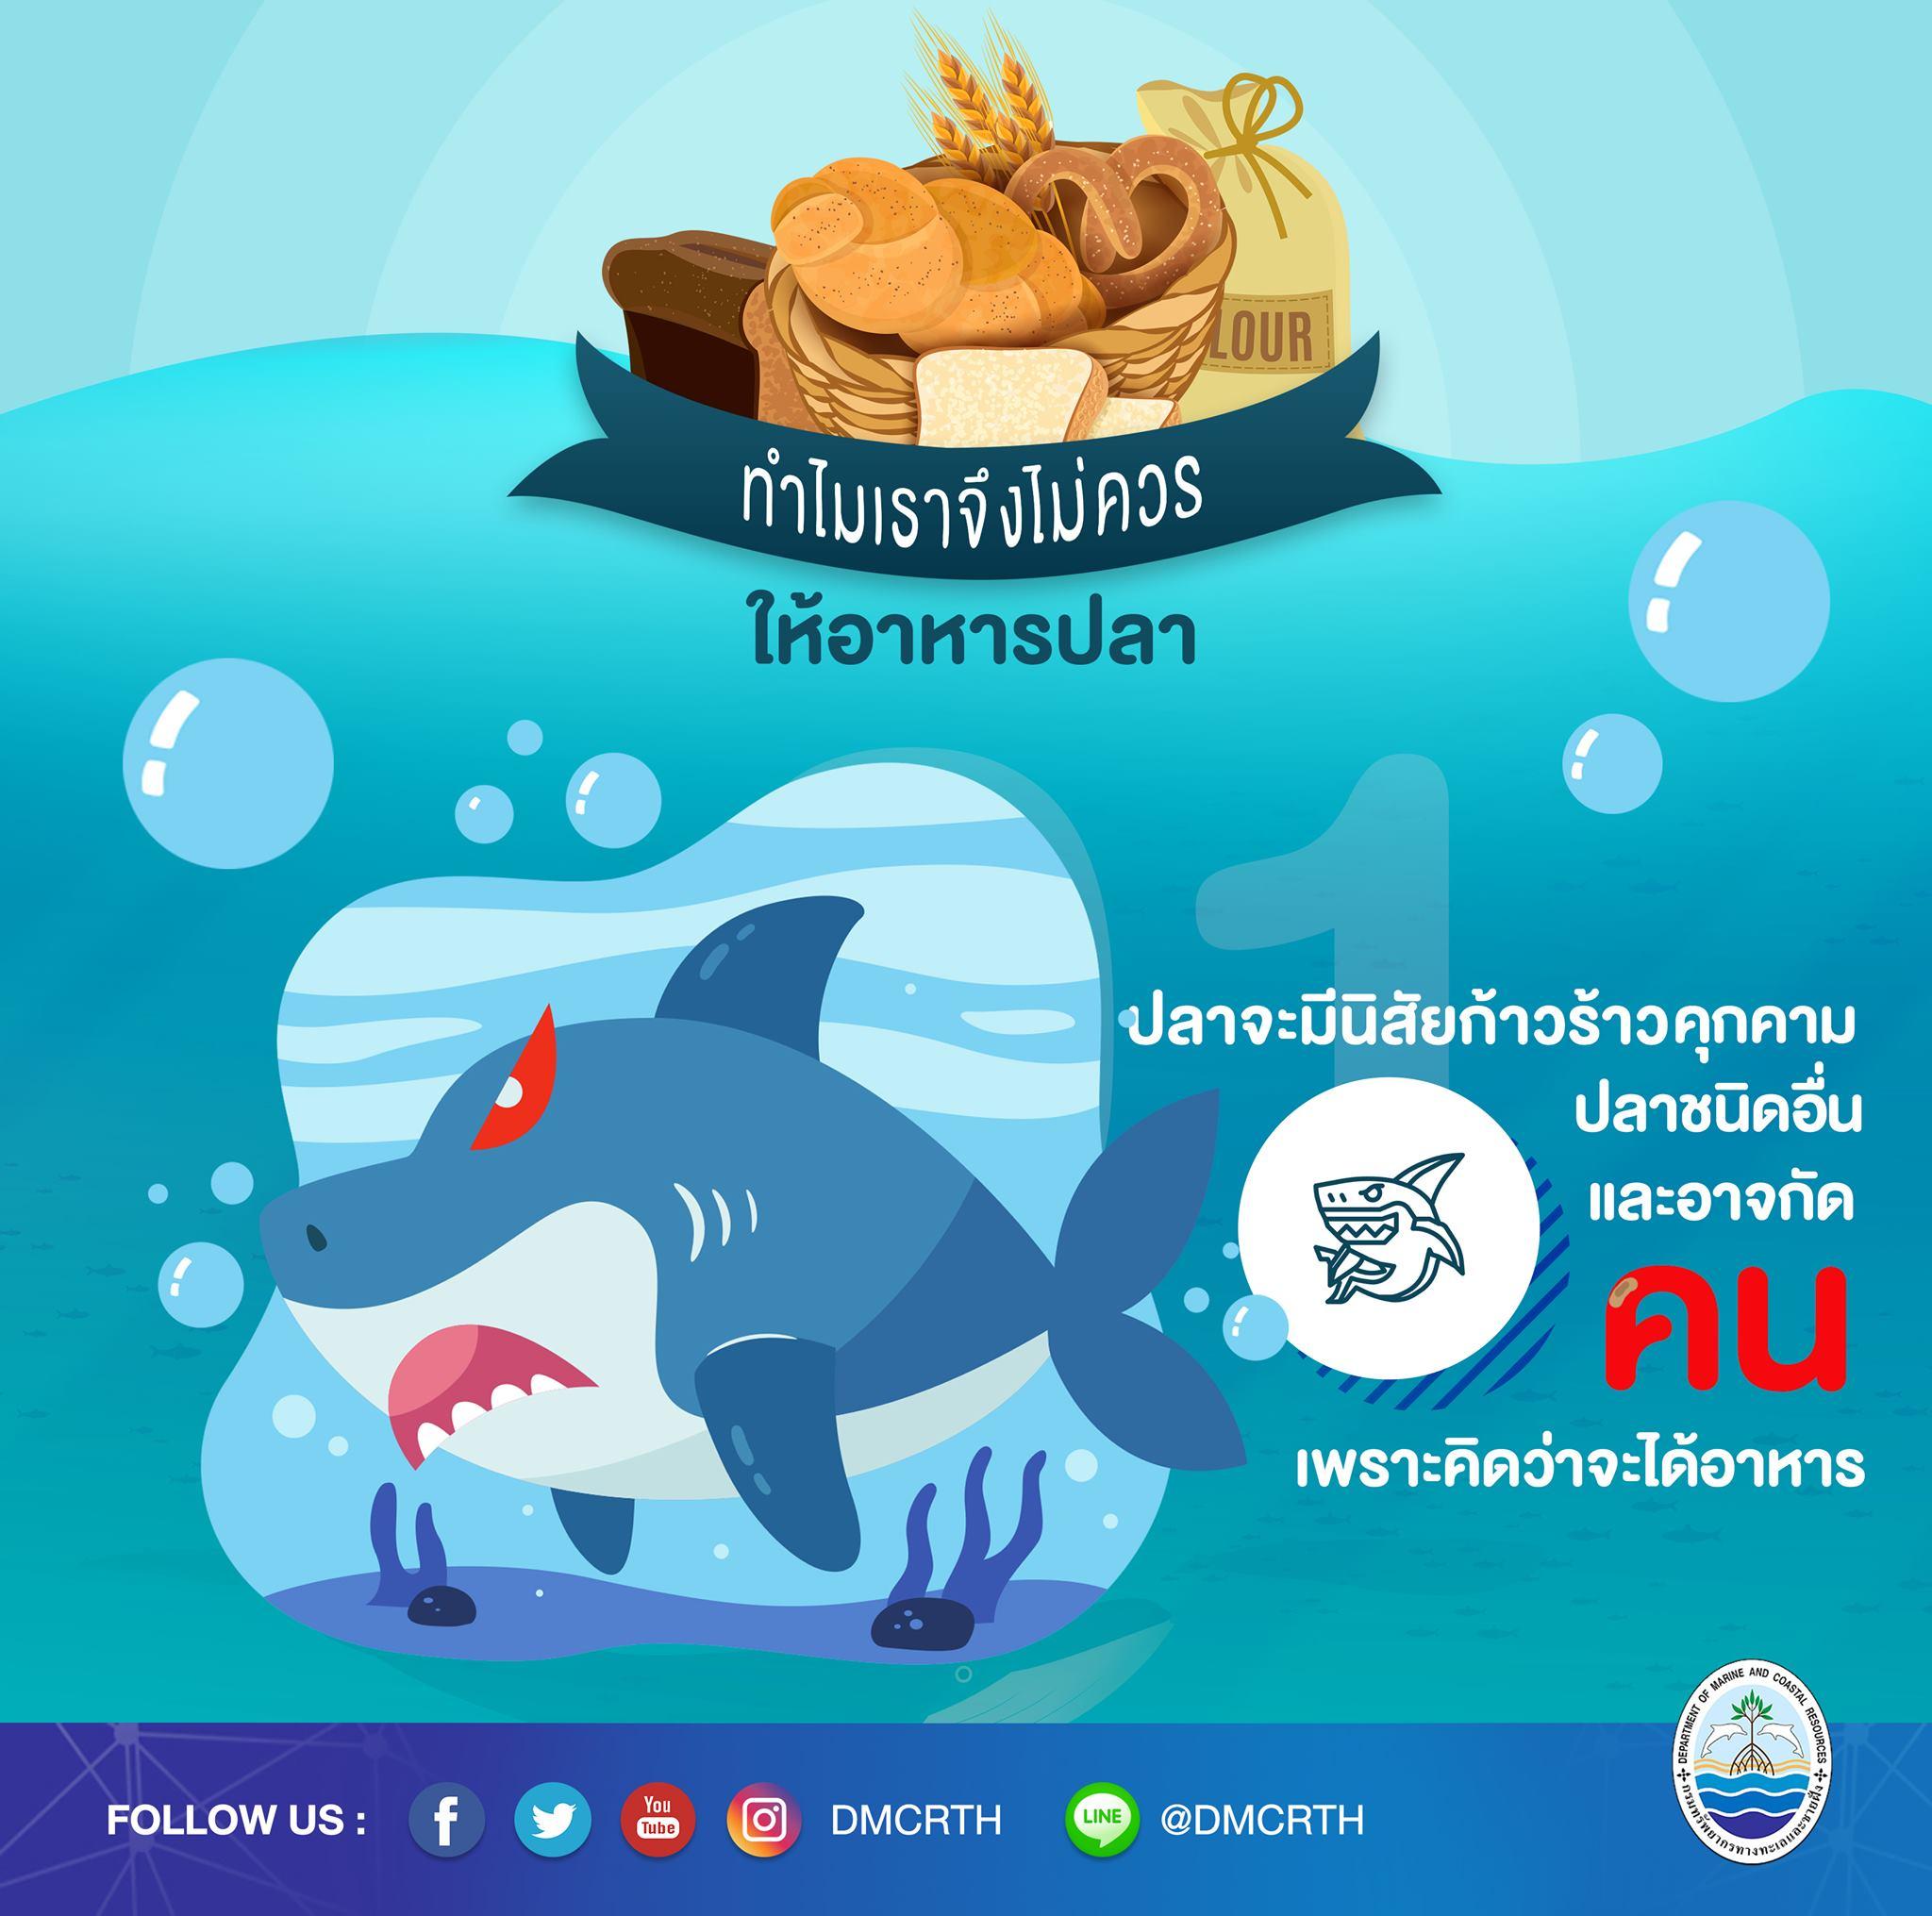 ทำไมจึงควรหยุดให้อาหารปลาในแนวปะการัง ตอนที่๑